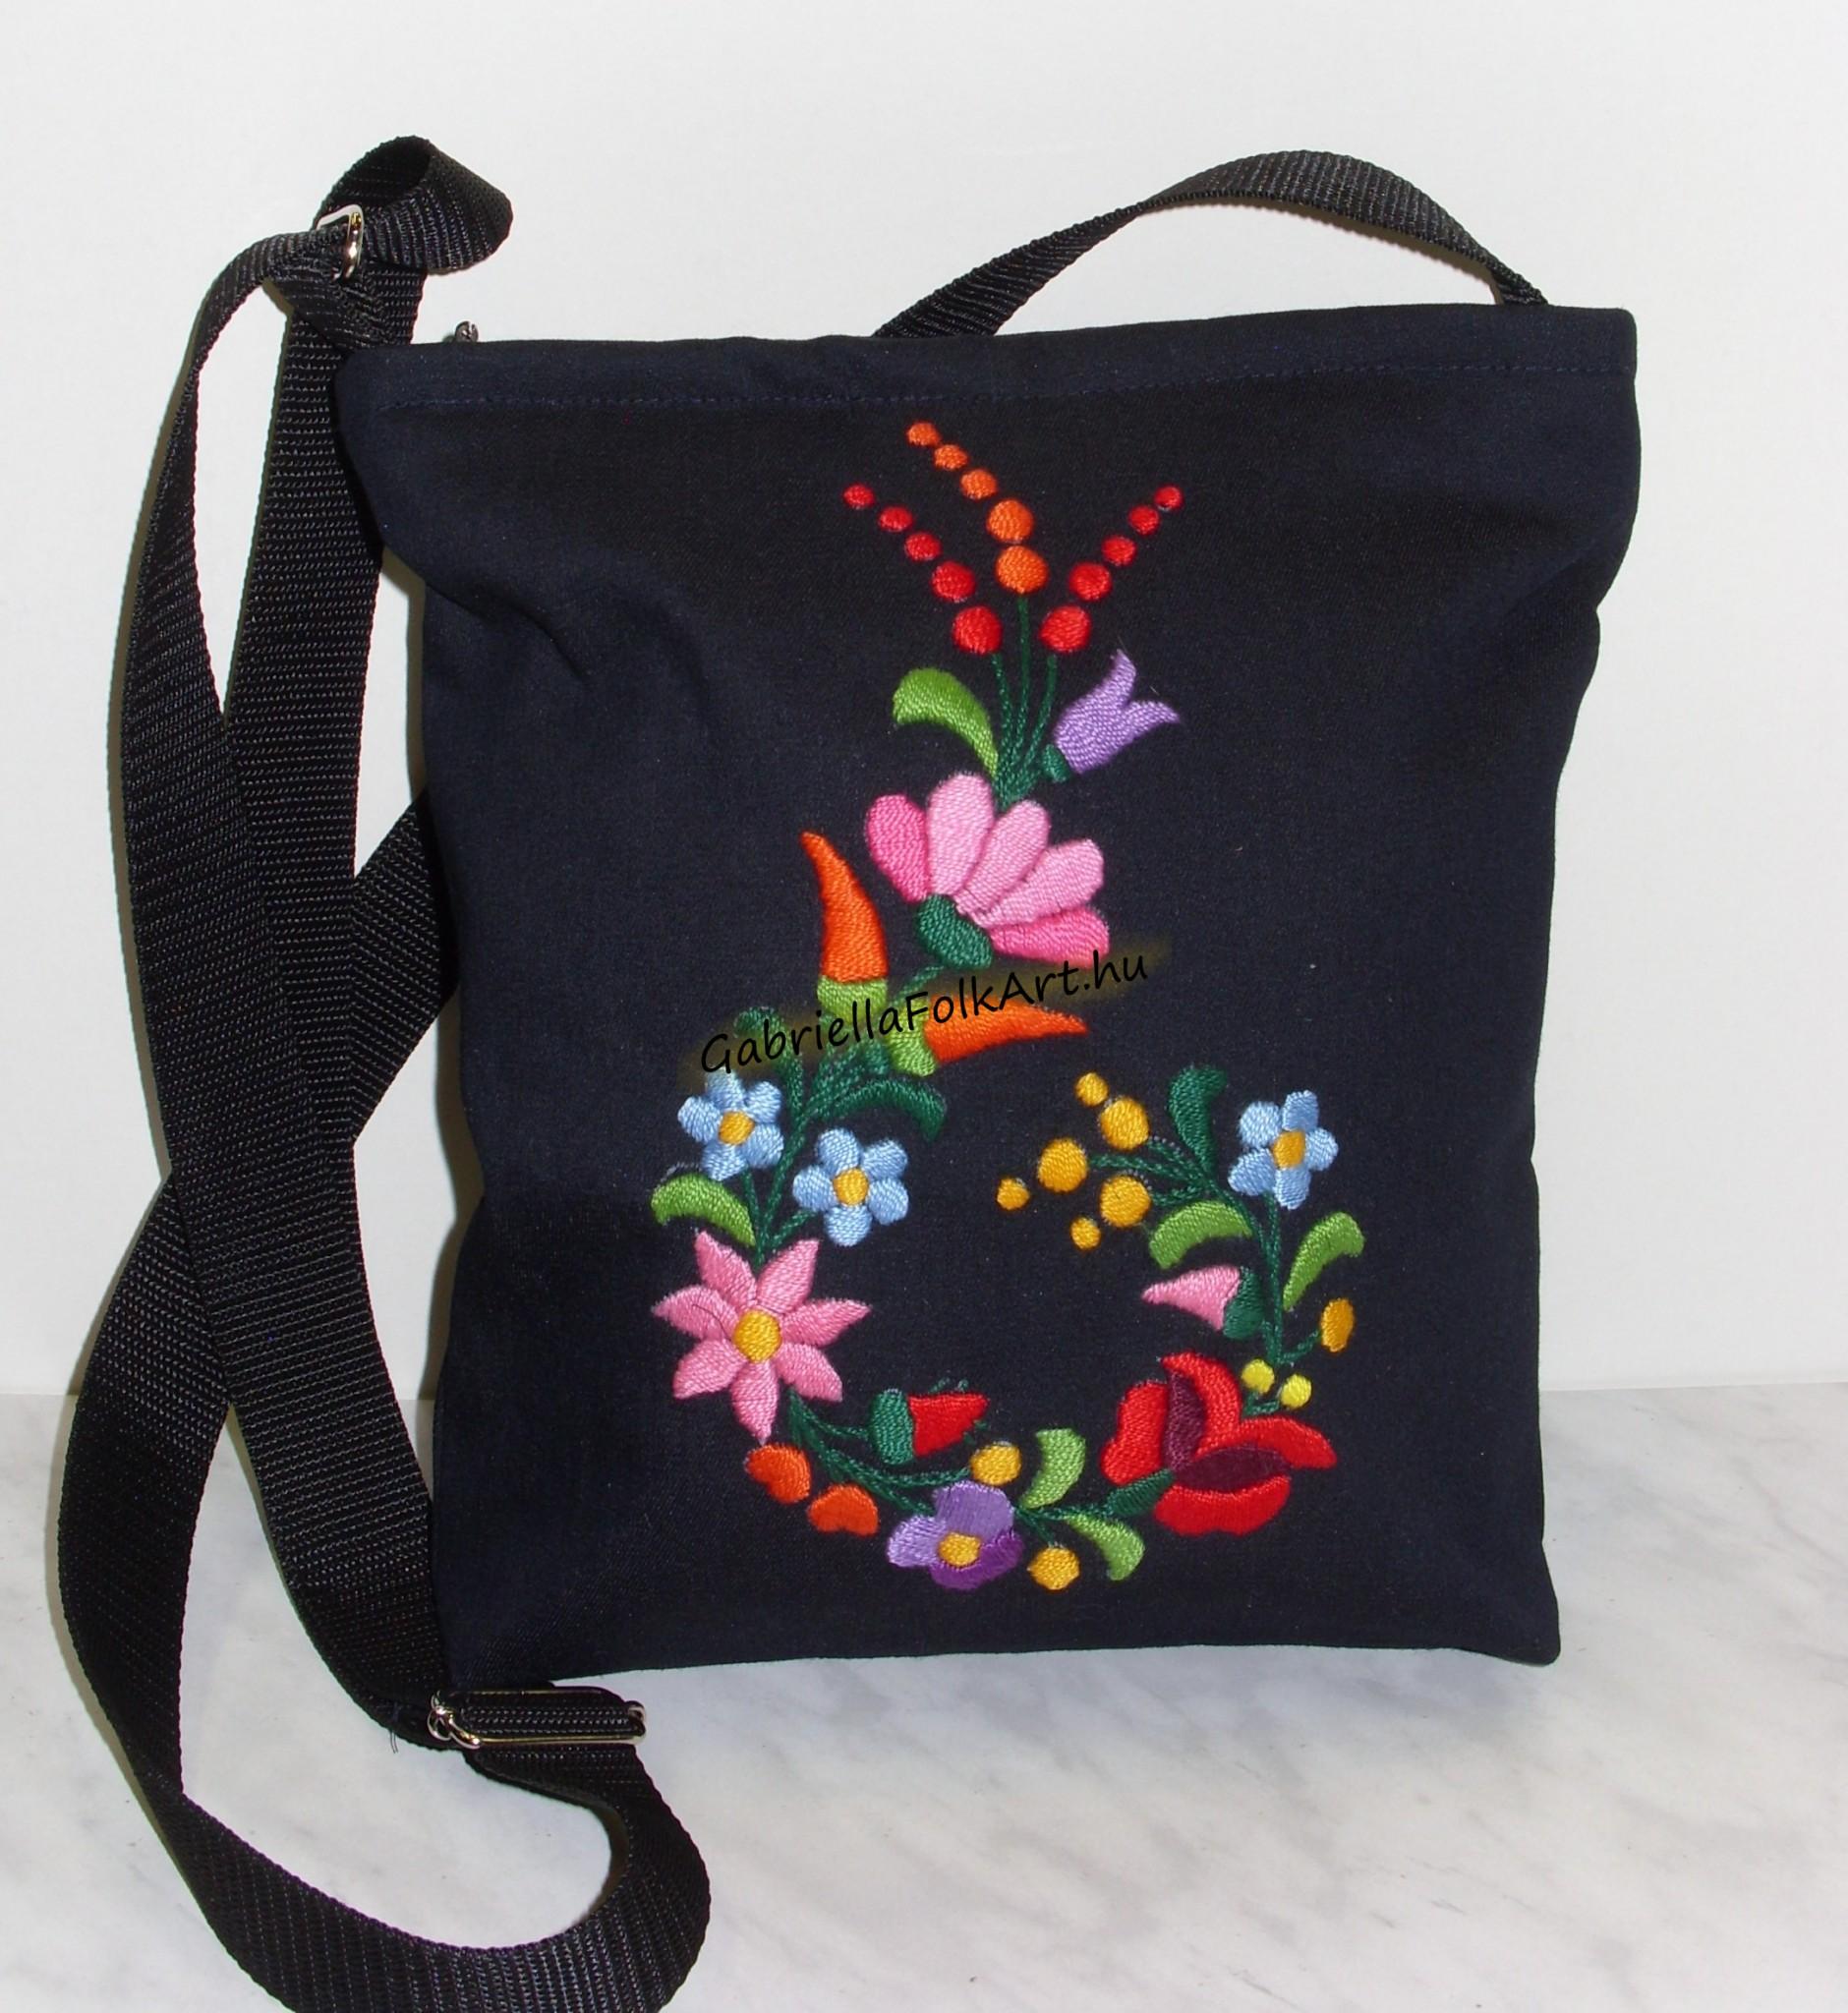 f0a2933562b0 Kézzel hímzett női táskák | GabriellaFolkArt